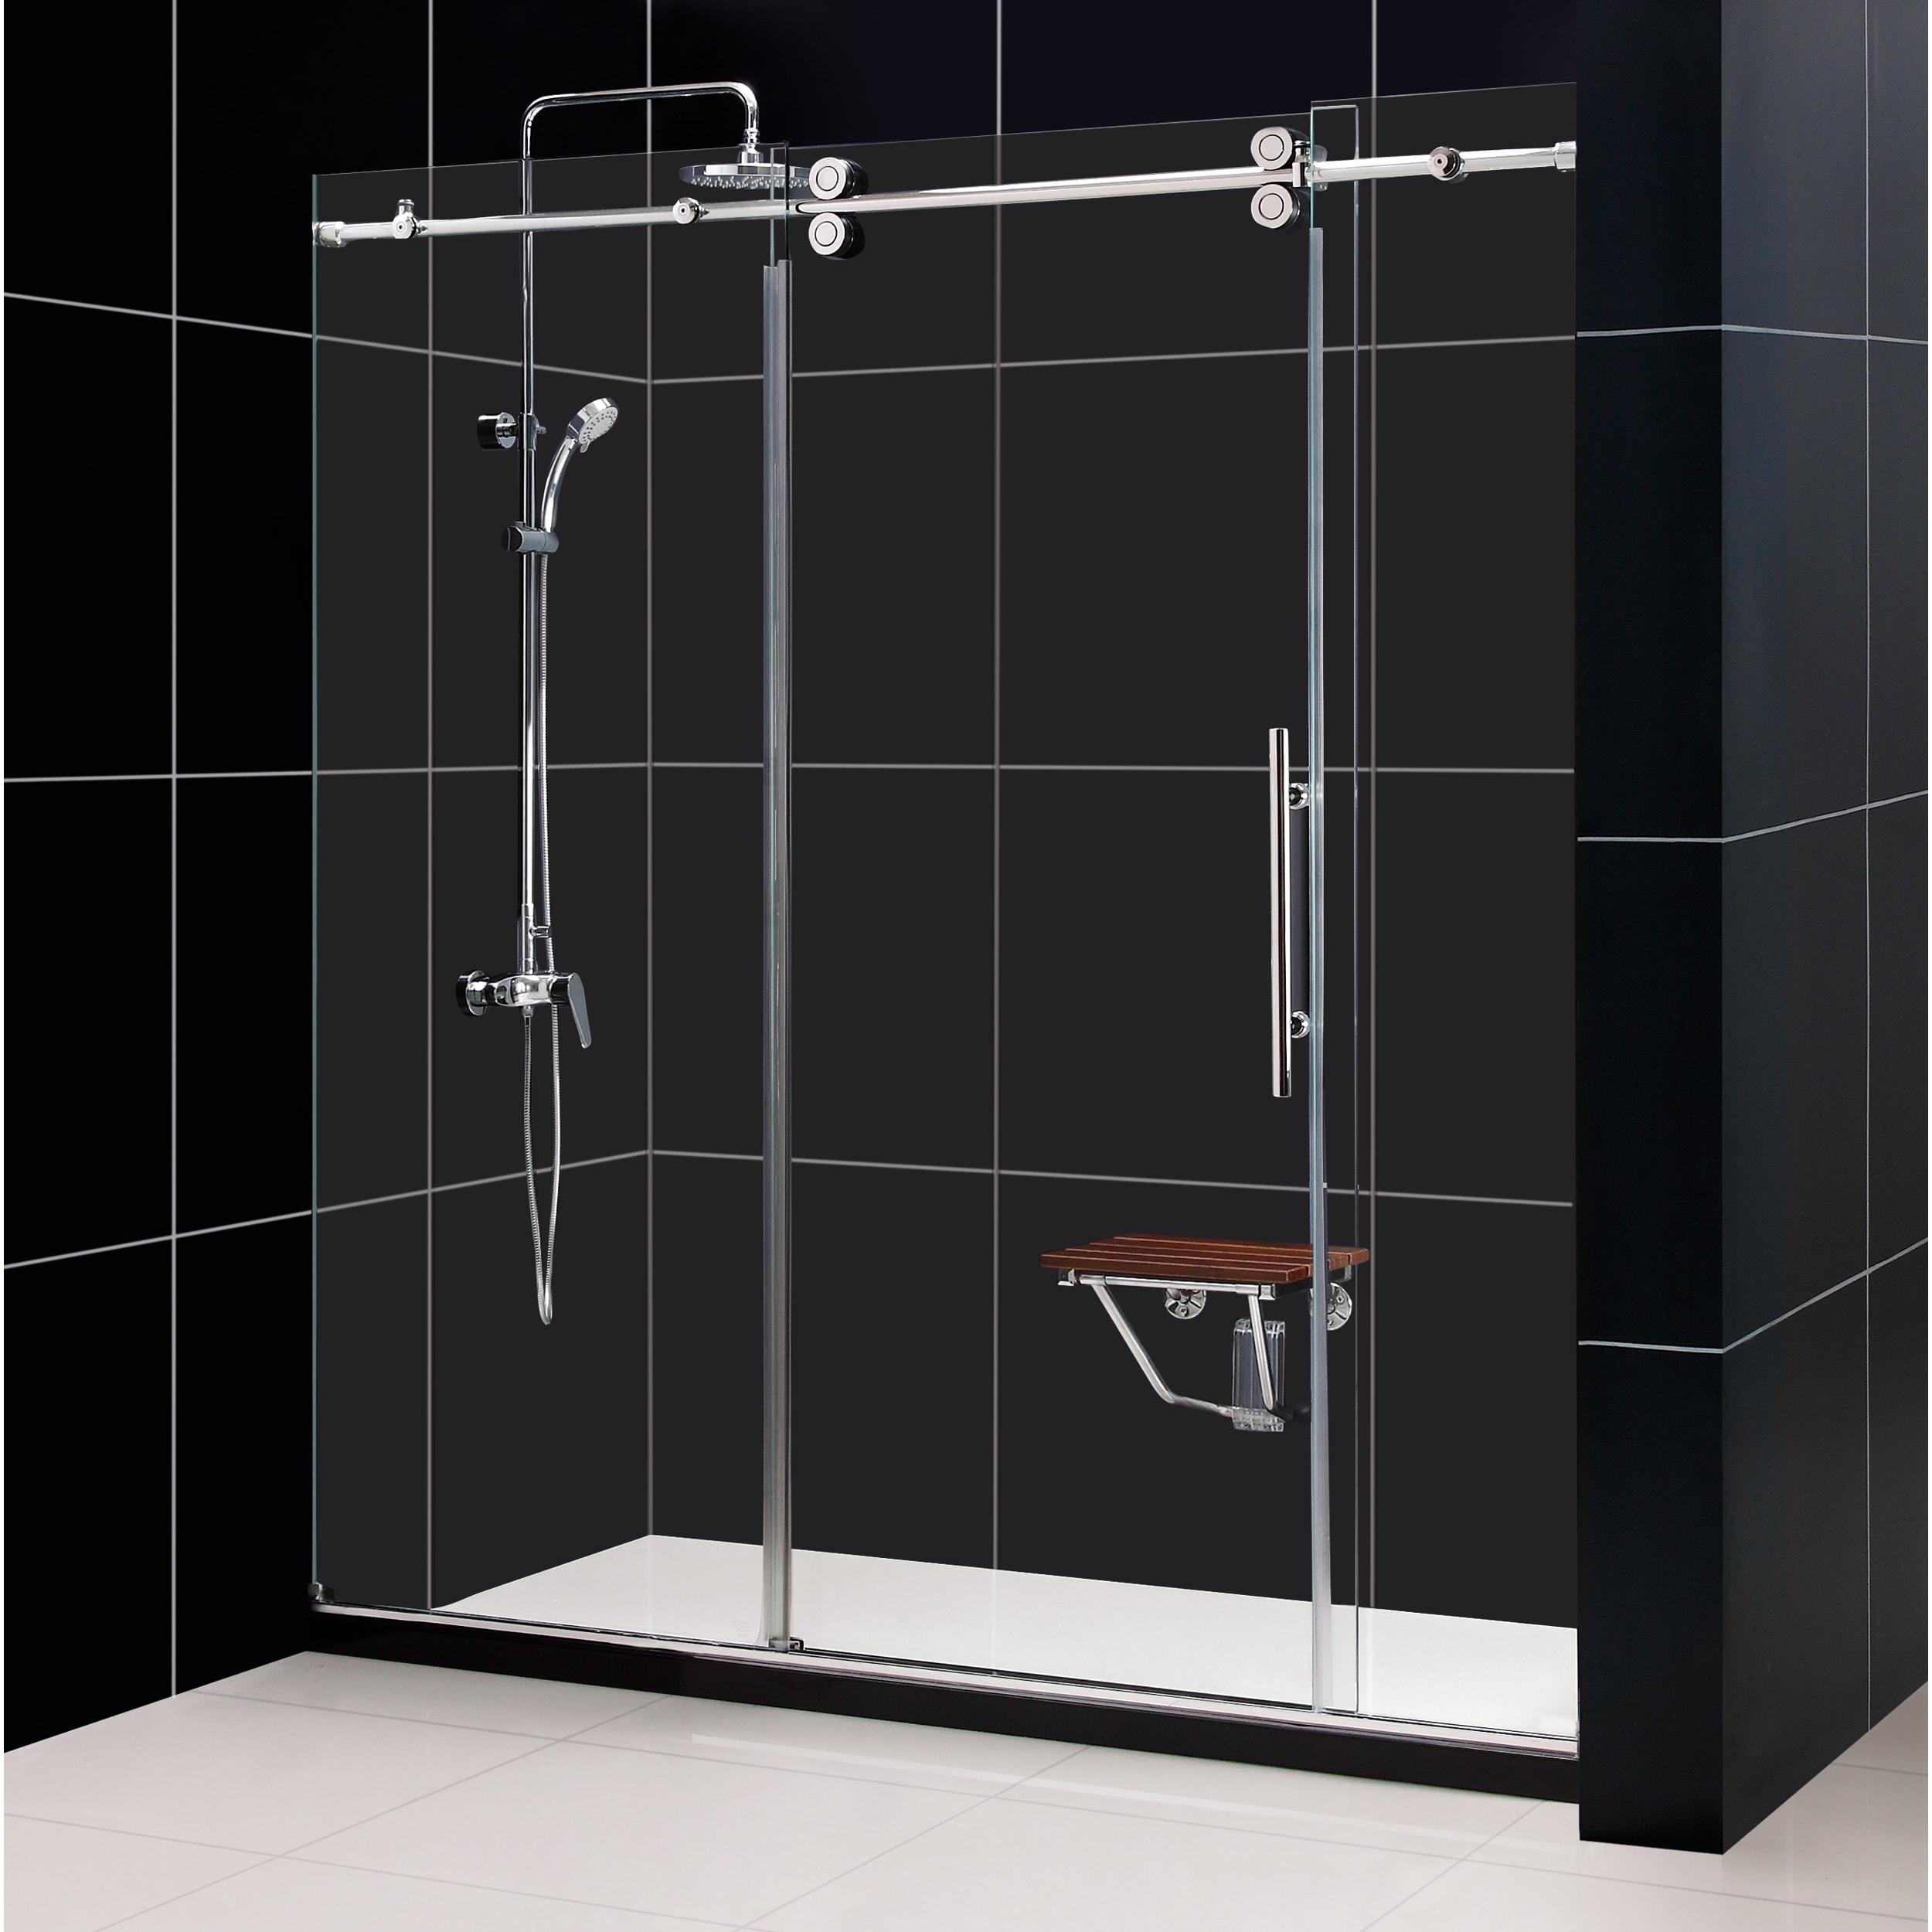 Dreamline Enigma 68 To 72 Inch Fully Frameless Sliding Shower Door